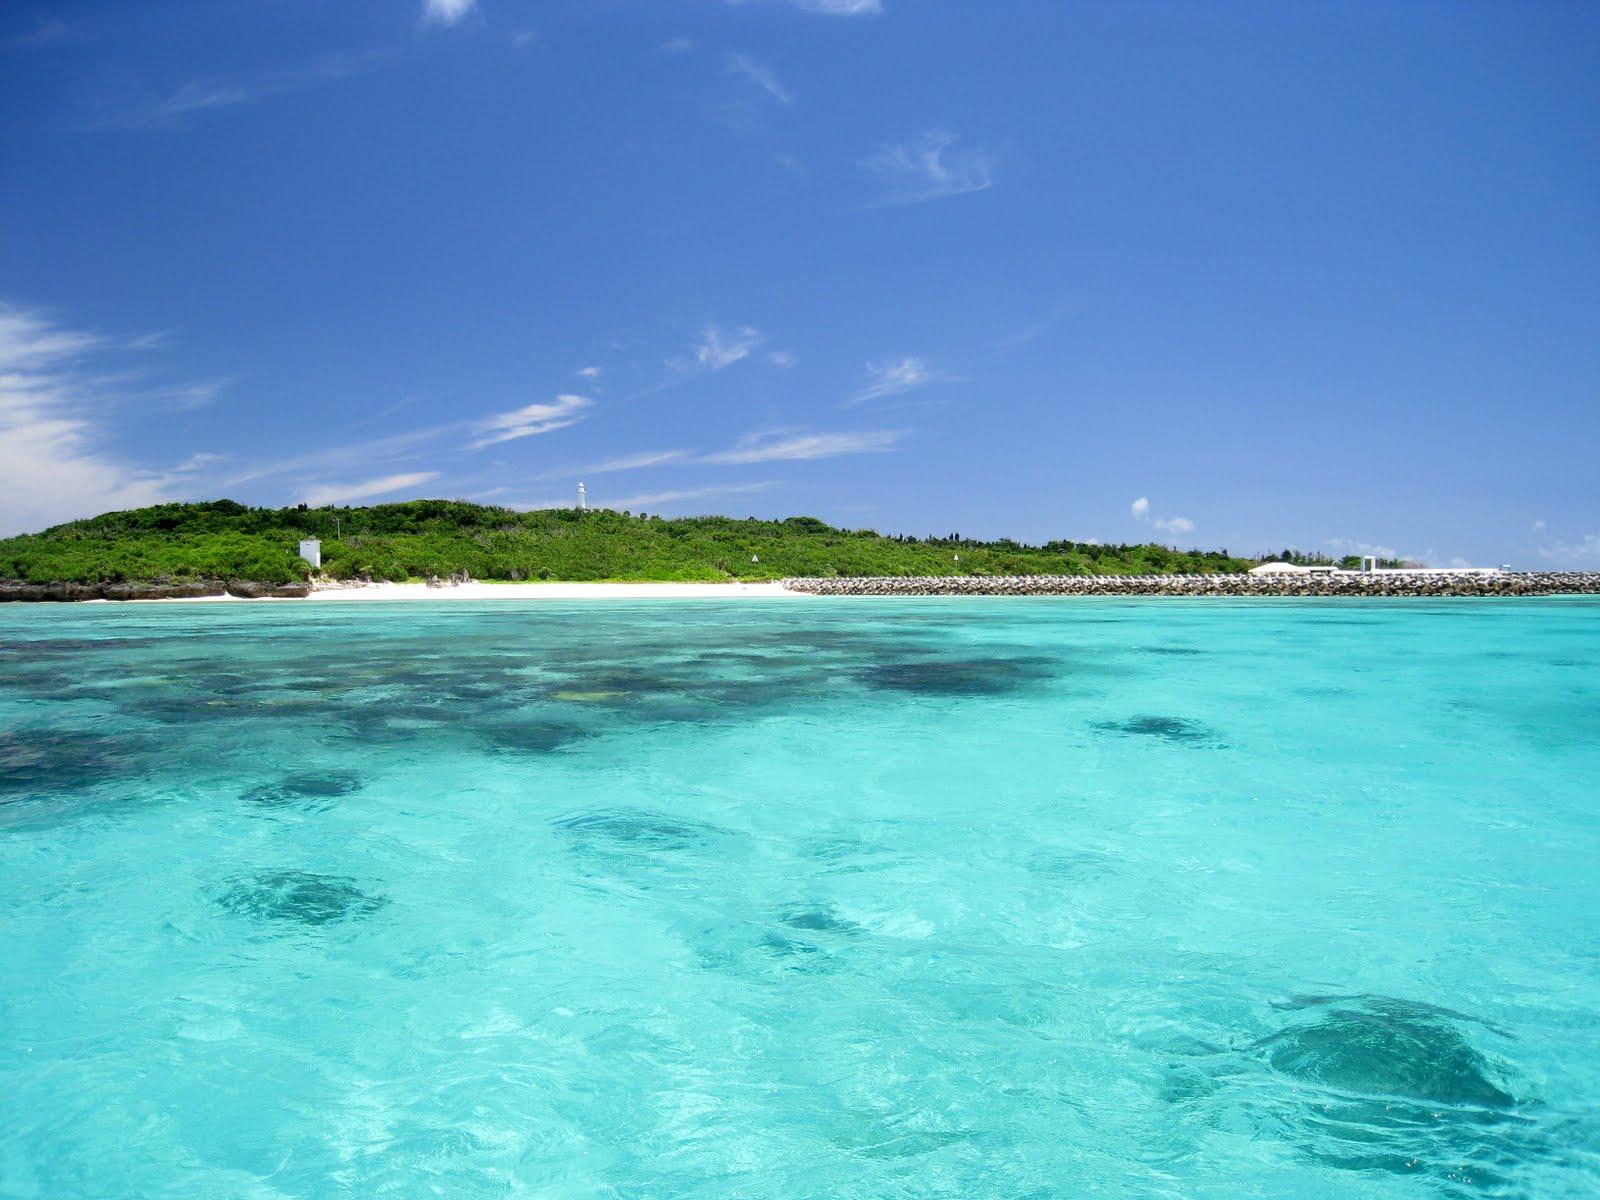 西表島の大自然が見渡せるビーチでのアクティビティ